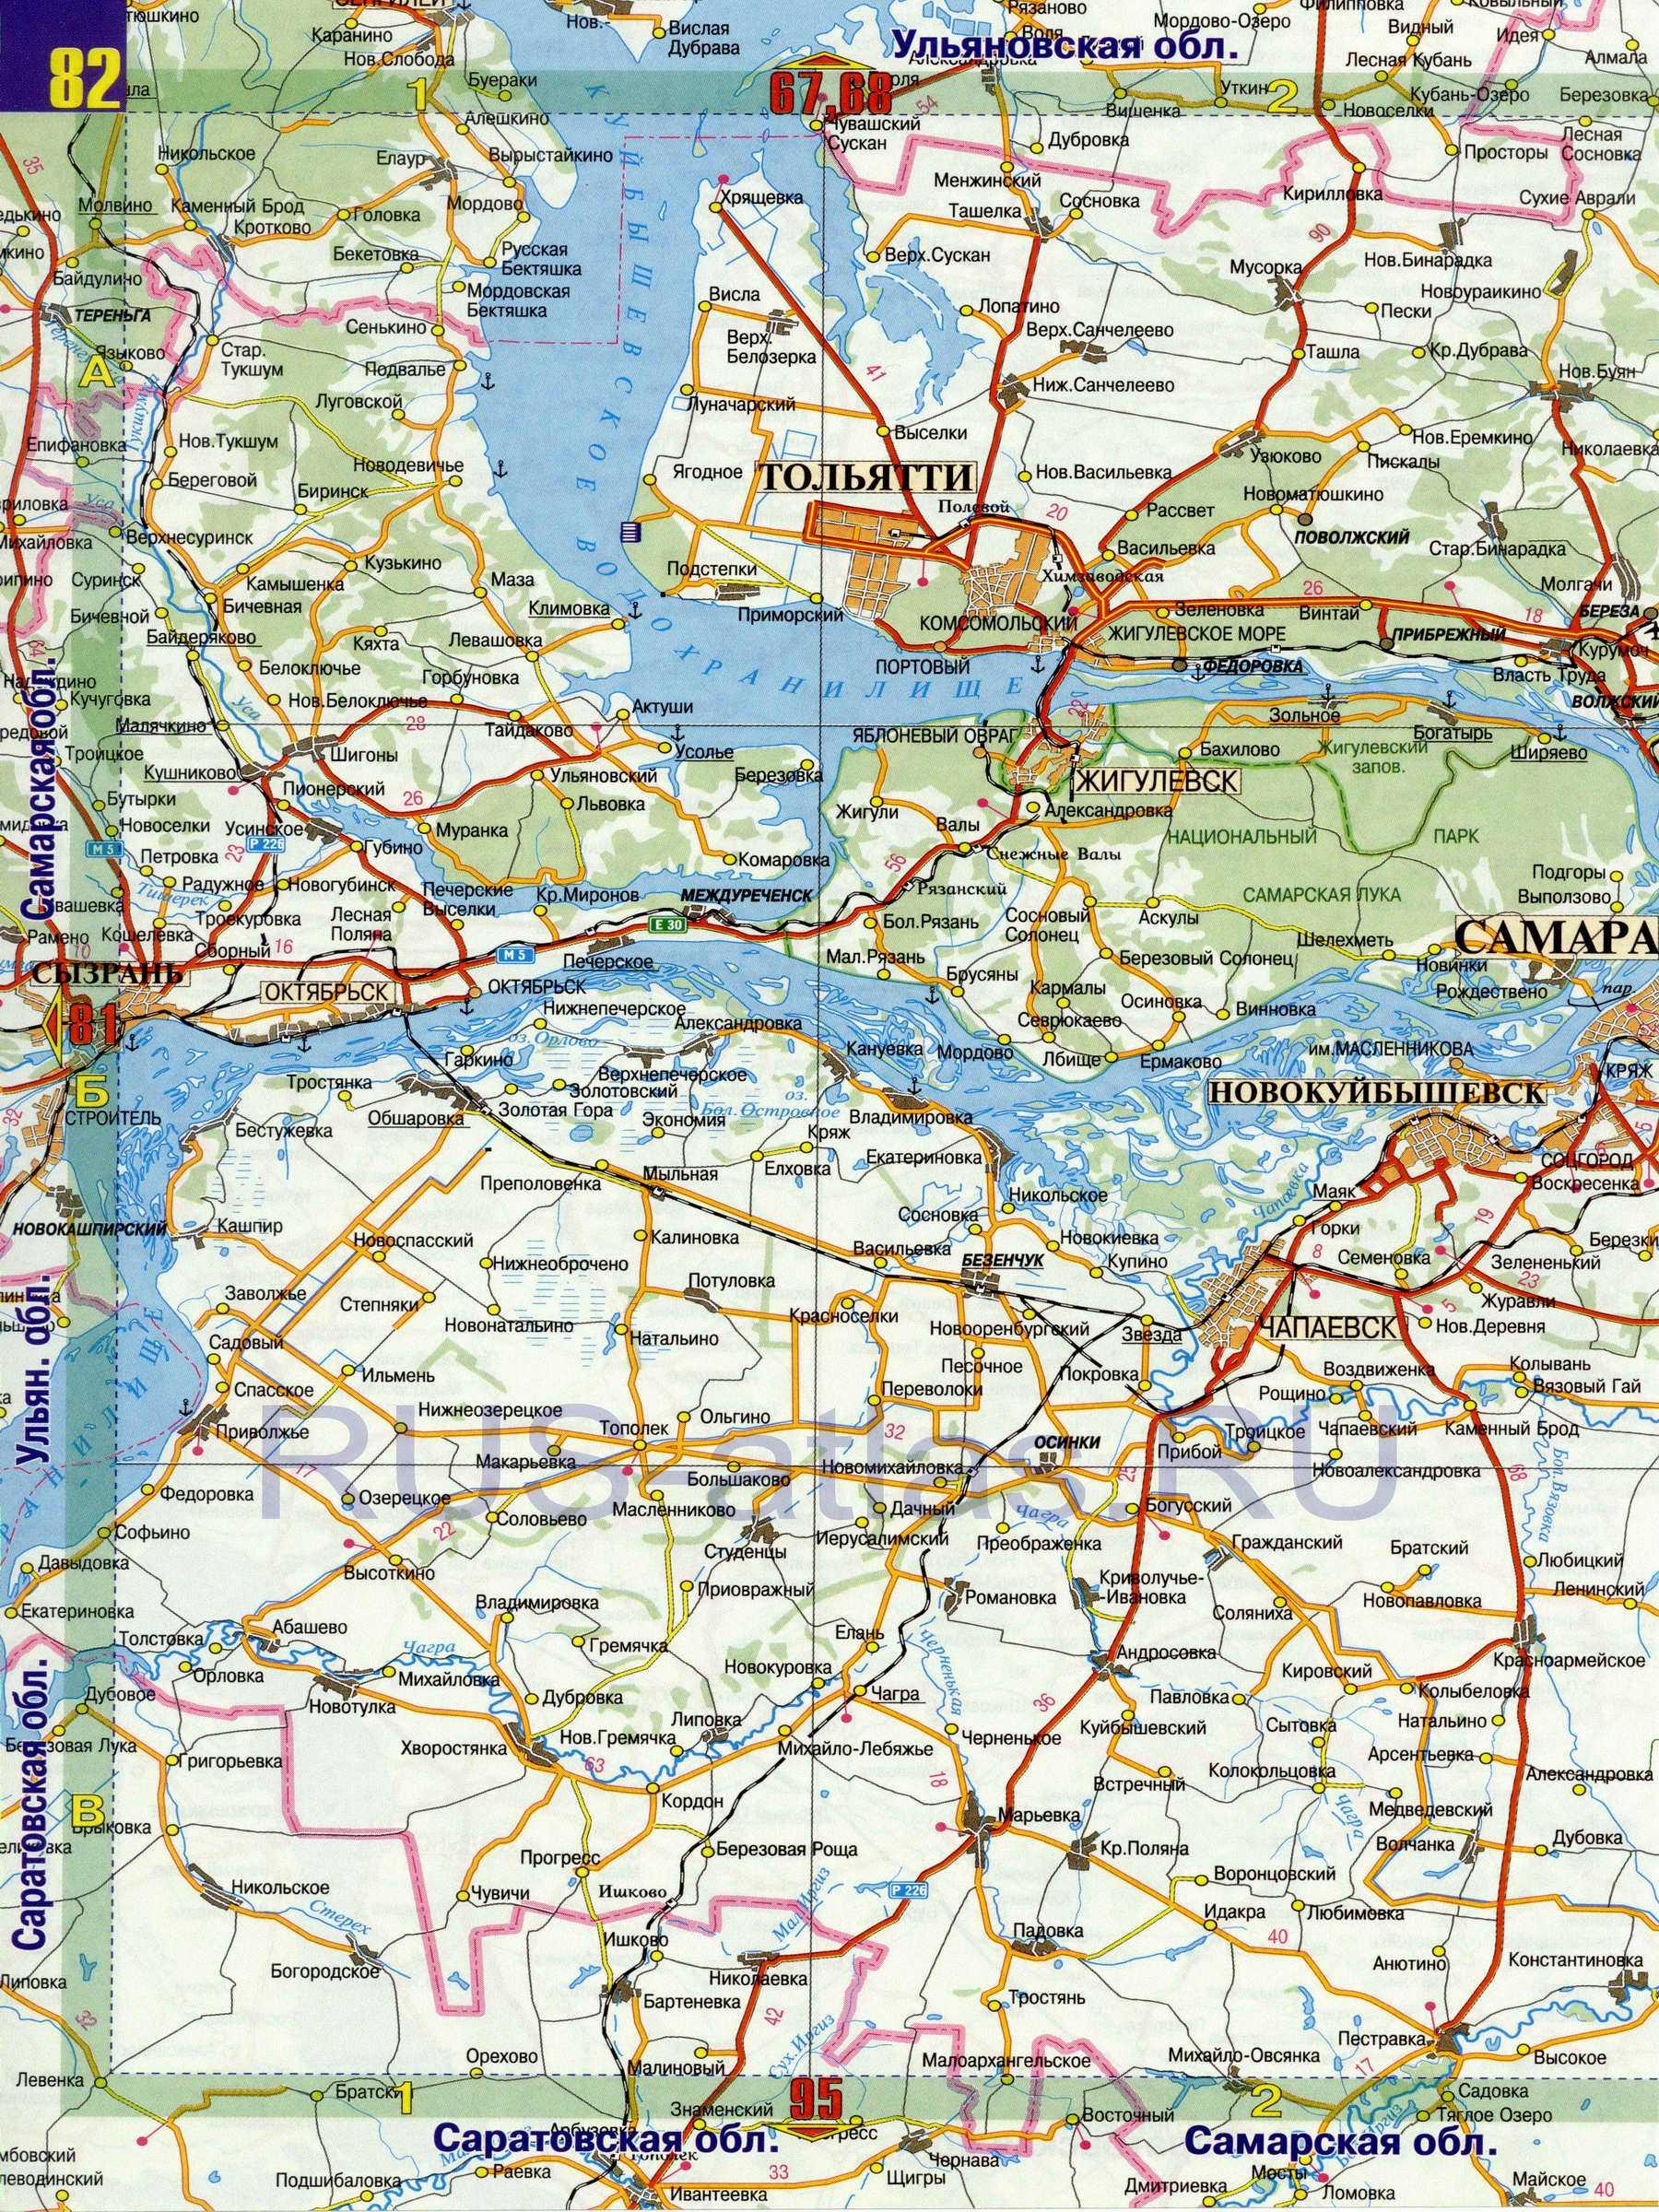 Подробная карта Самарской области.  Атлас дорог России - Самарская область 1см:7км.